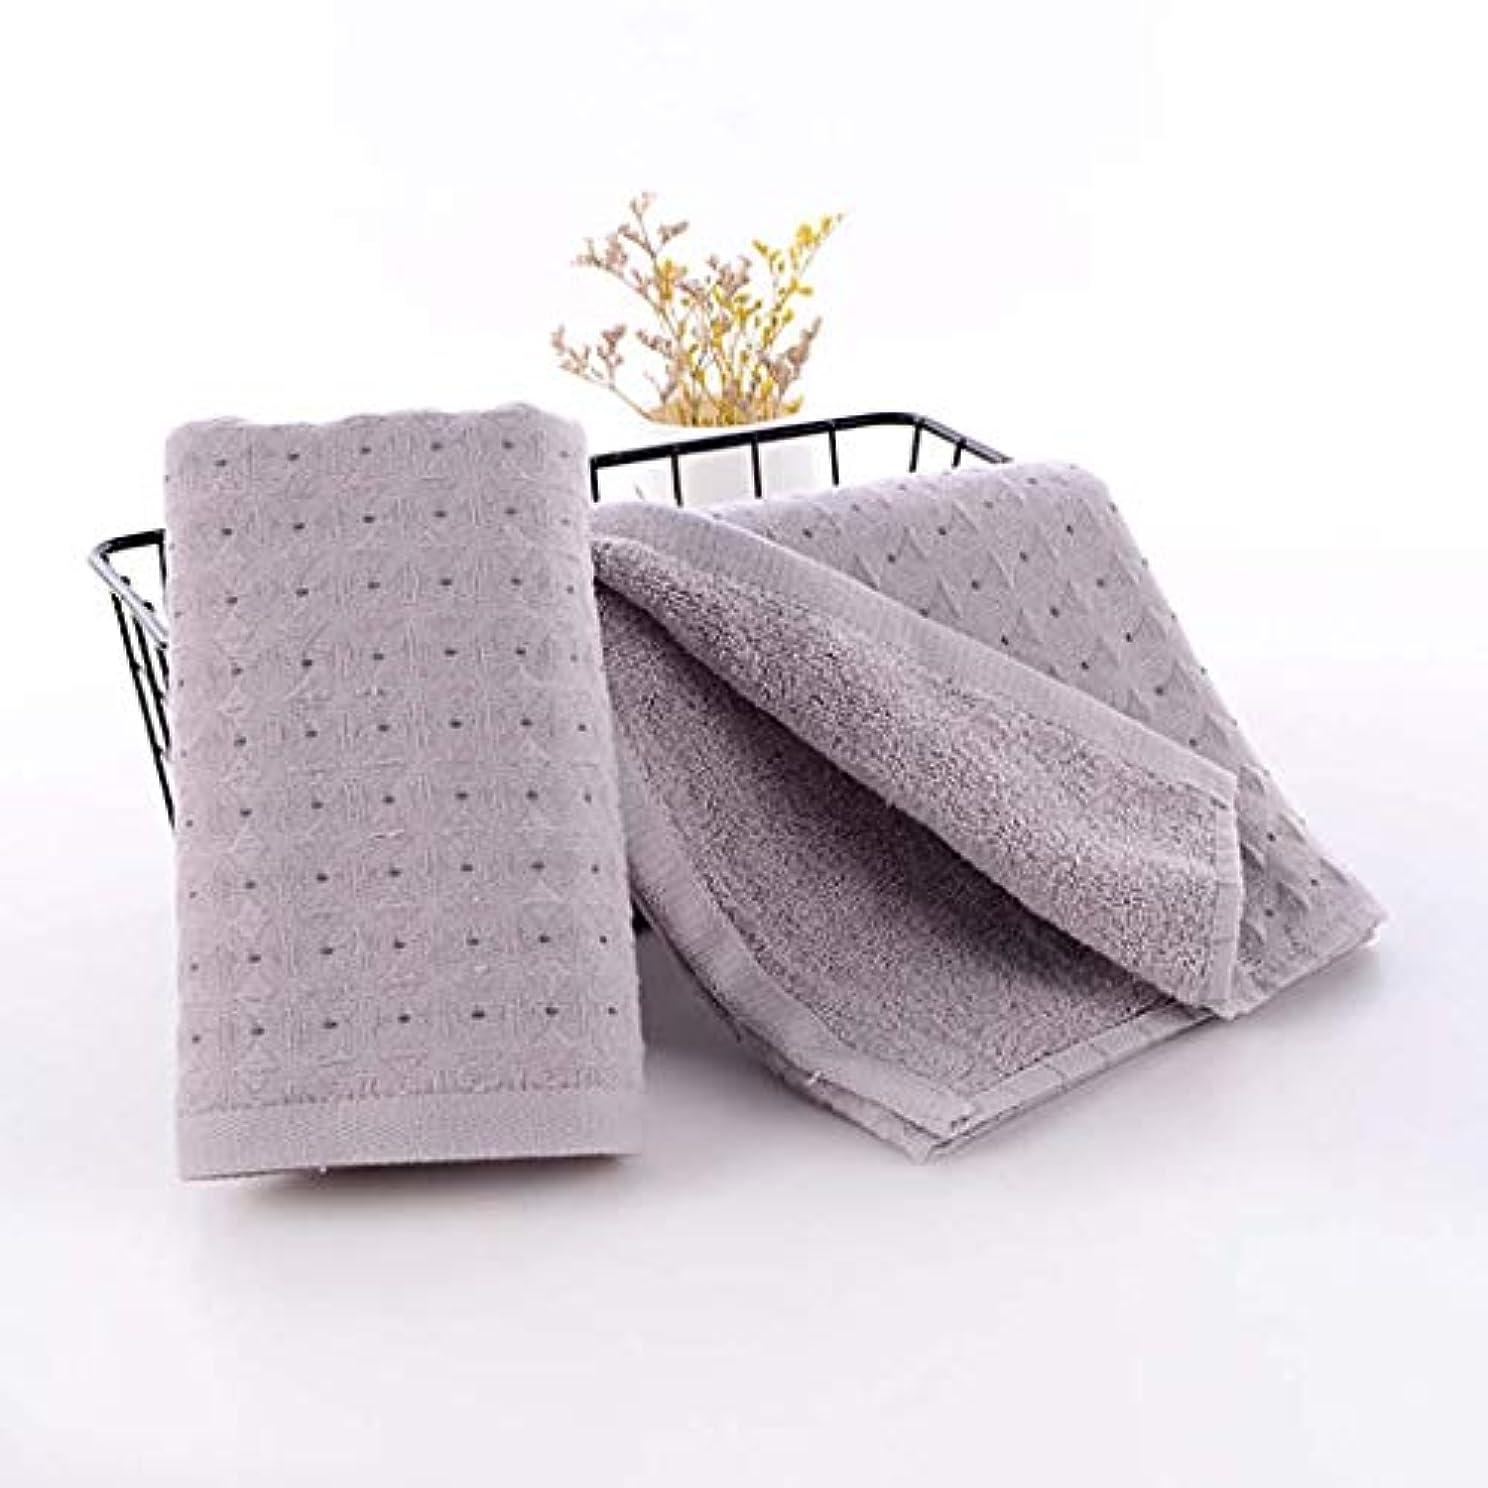 土曜日フィードロケーション綿のハンドタオルの速い乾燥したタオルの速い乾燥したタオル,Gray,34*75cm